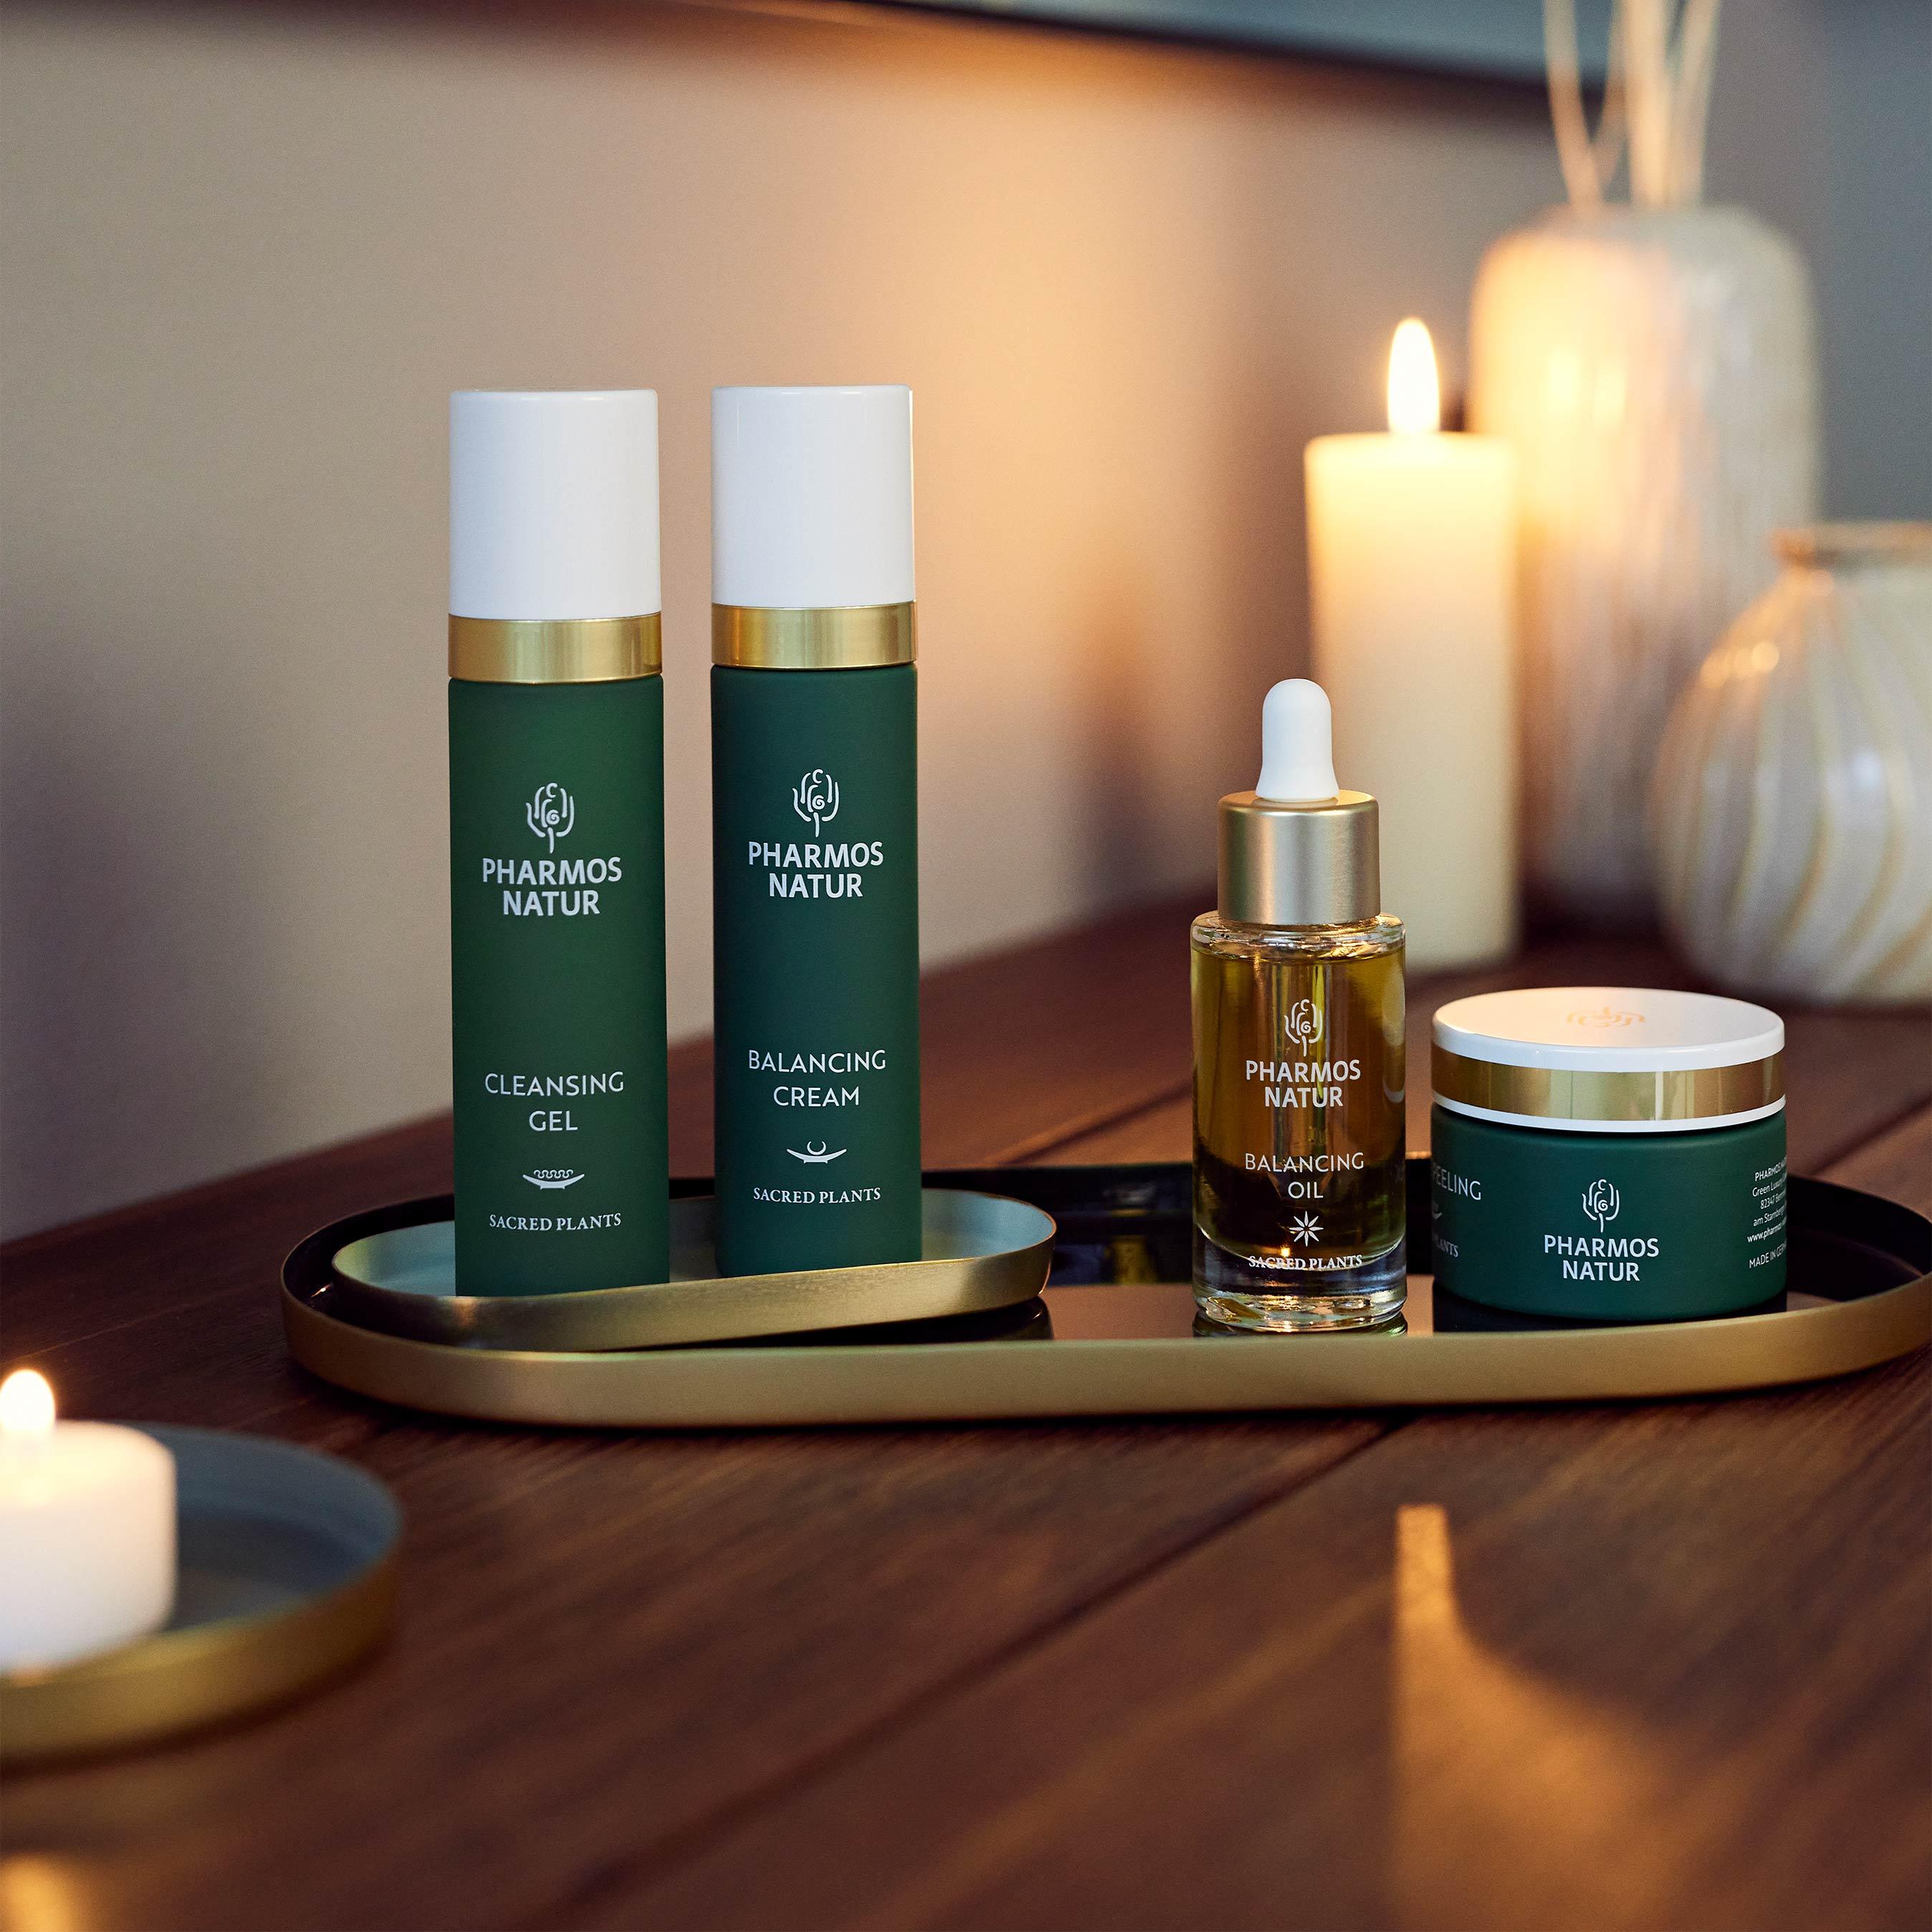 Grüne Mischhaut Produkte mit Kerzen als Dekoration